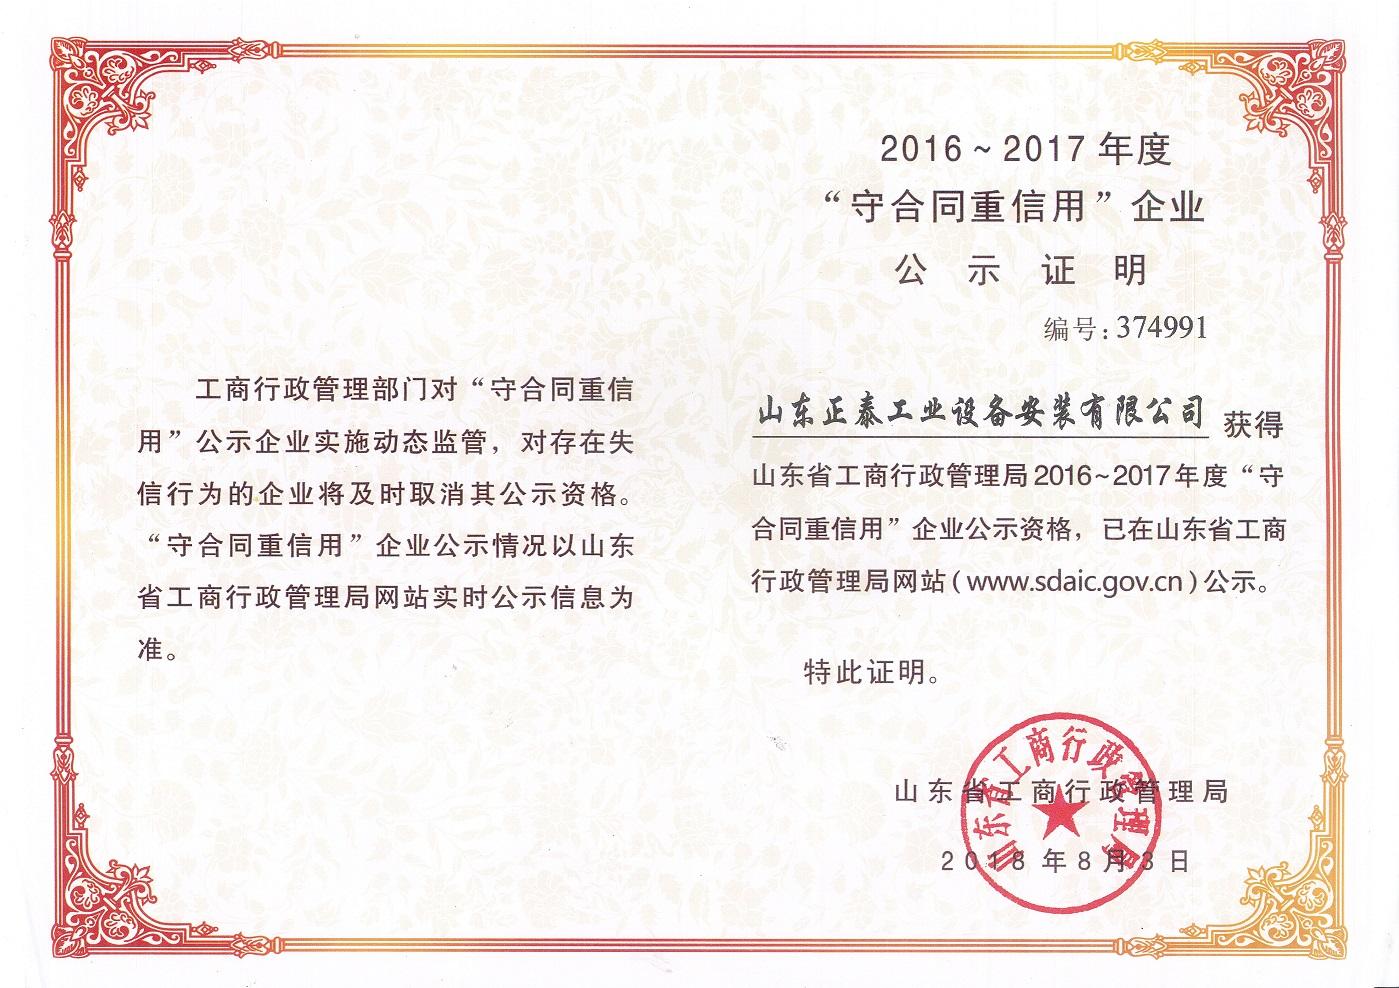 2016-2017年度守合同重信用